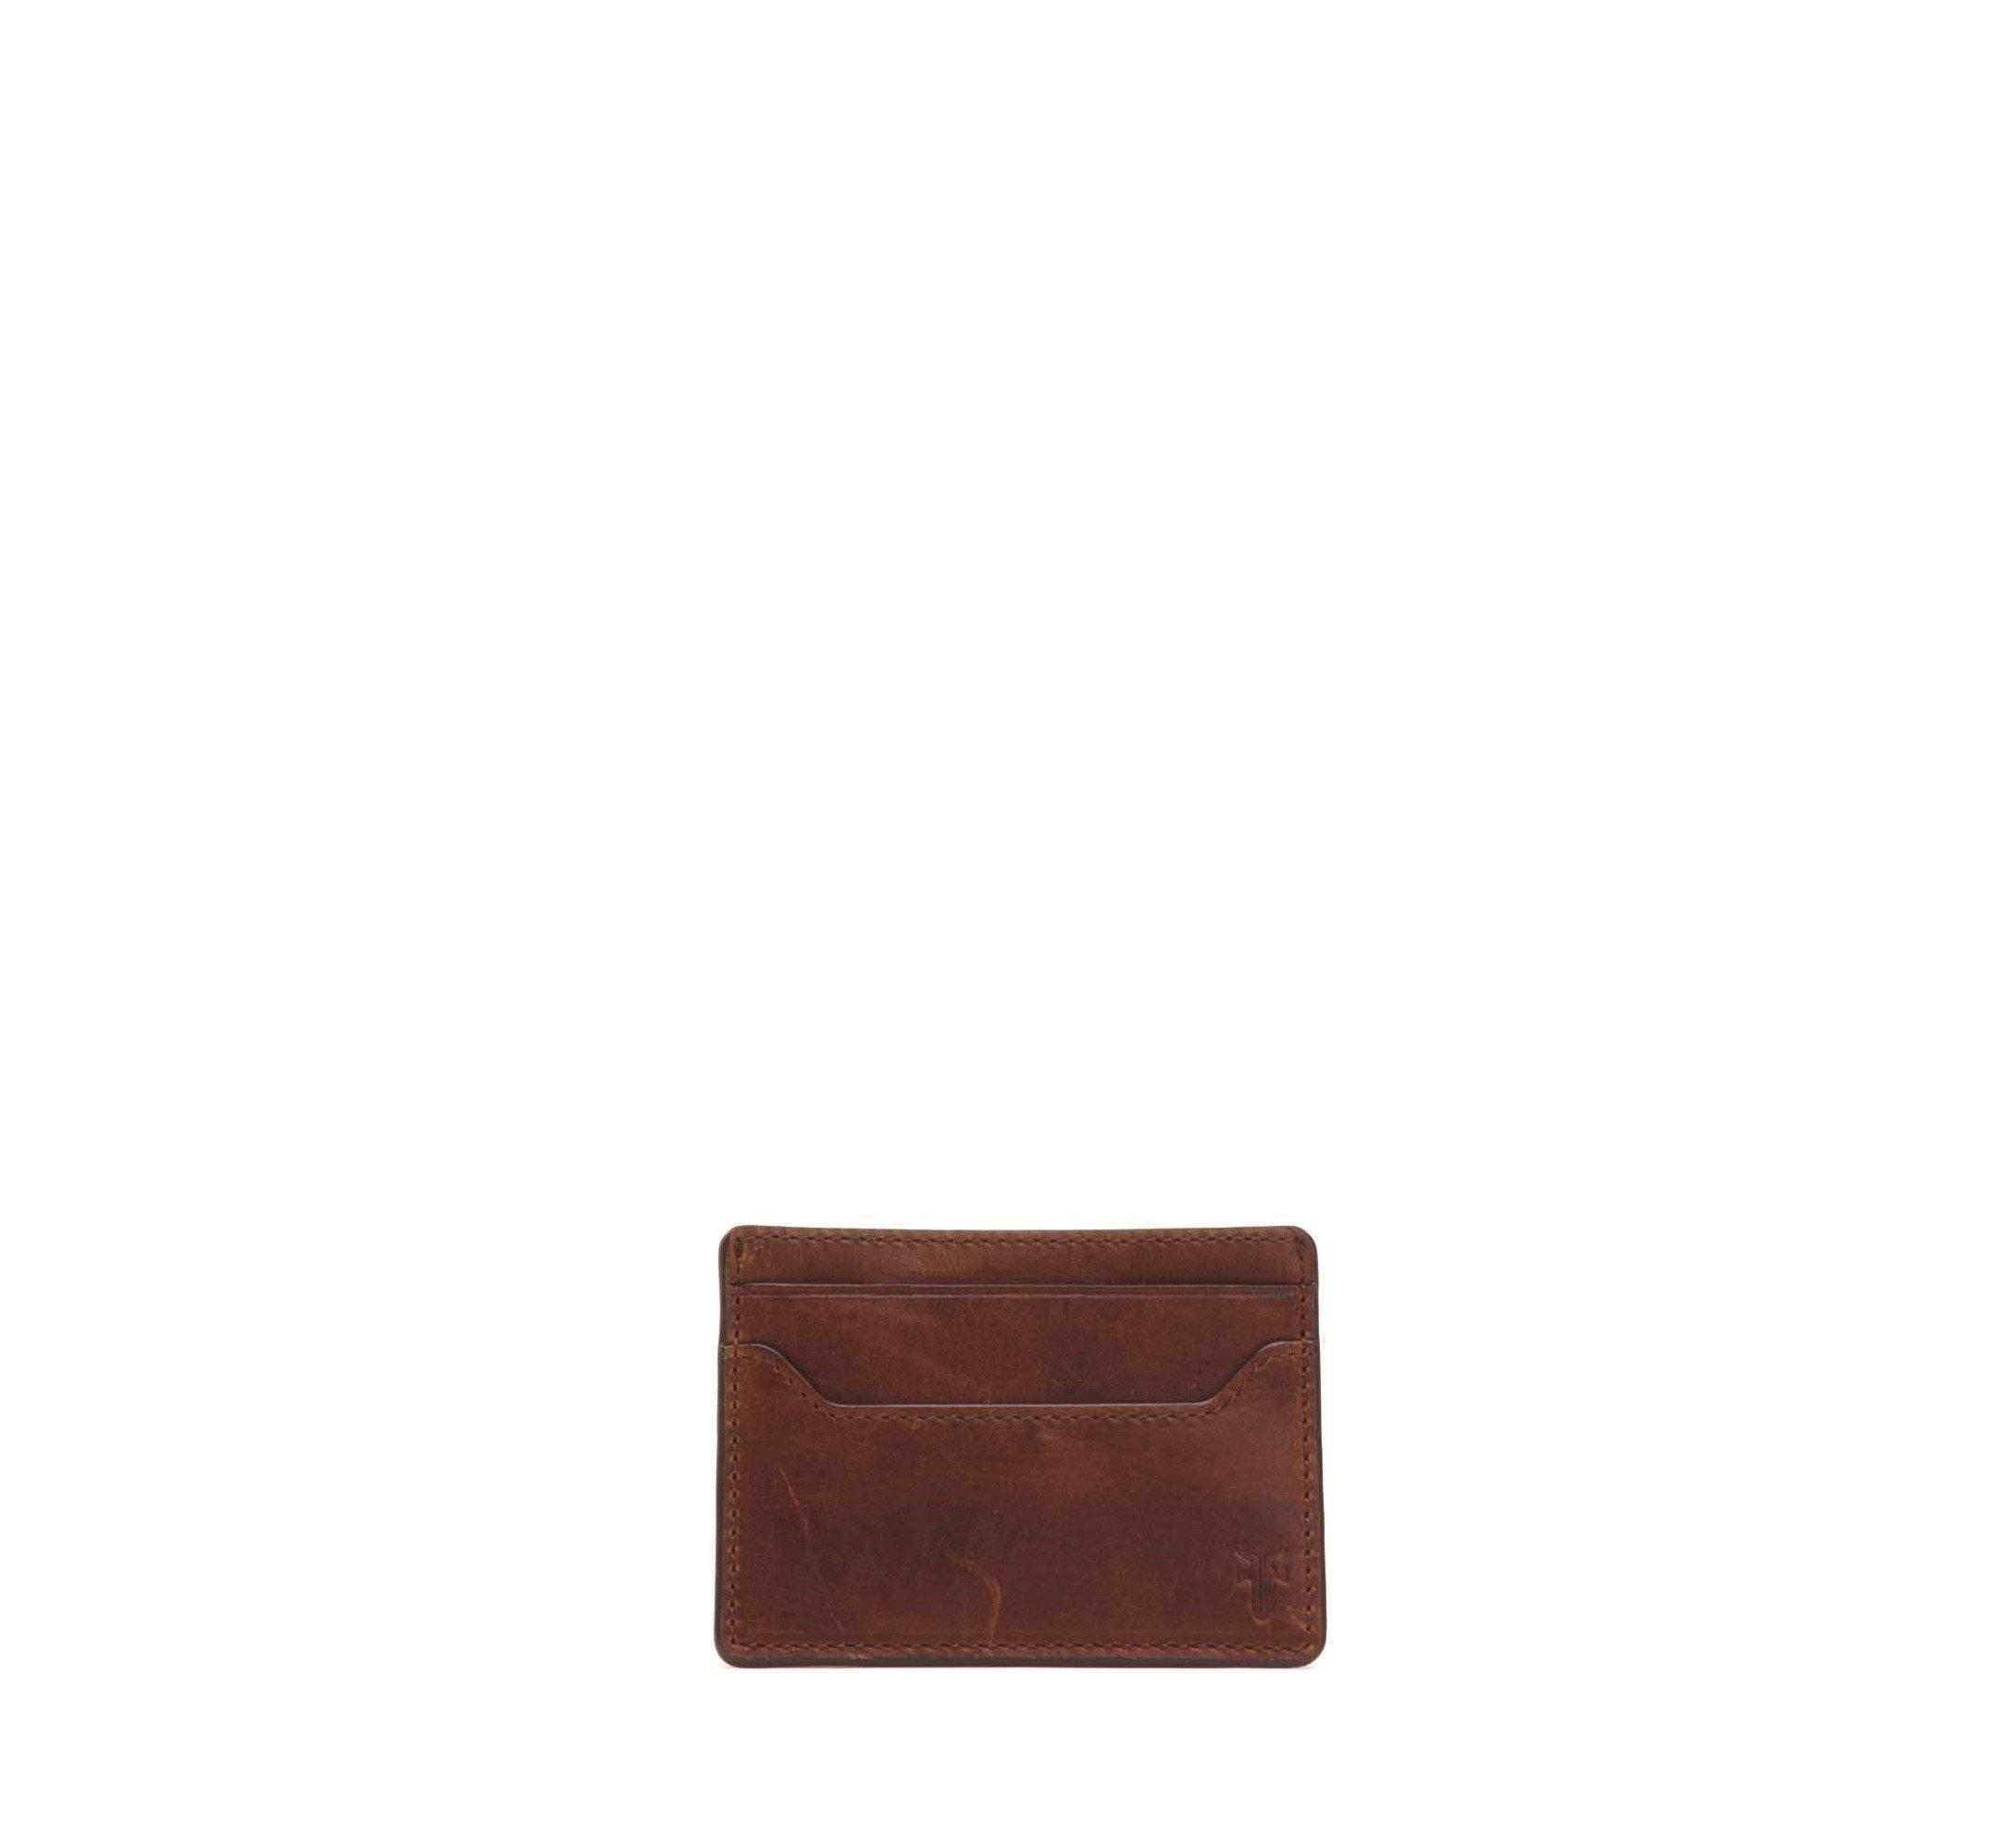 FRYE Men's Logan Money Clip Card Case, Cognac, One Size